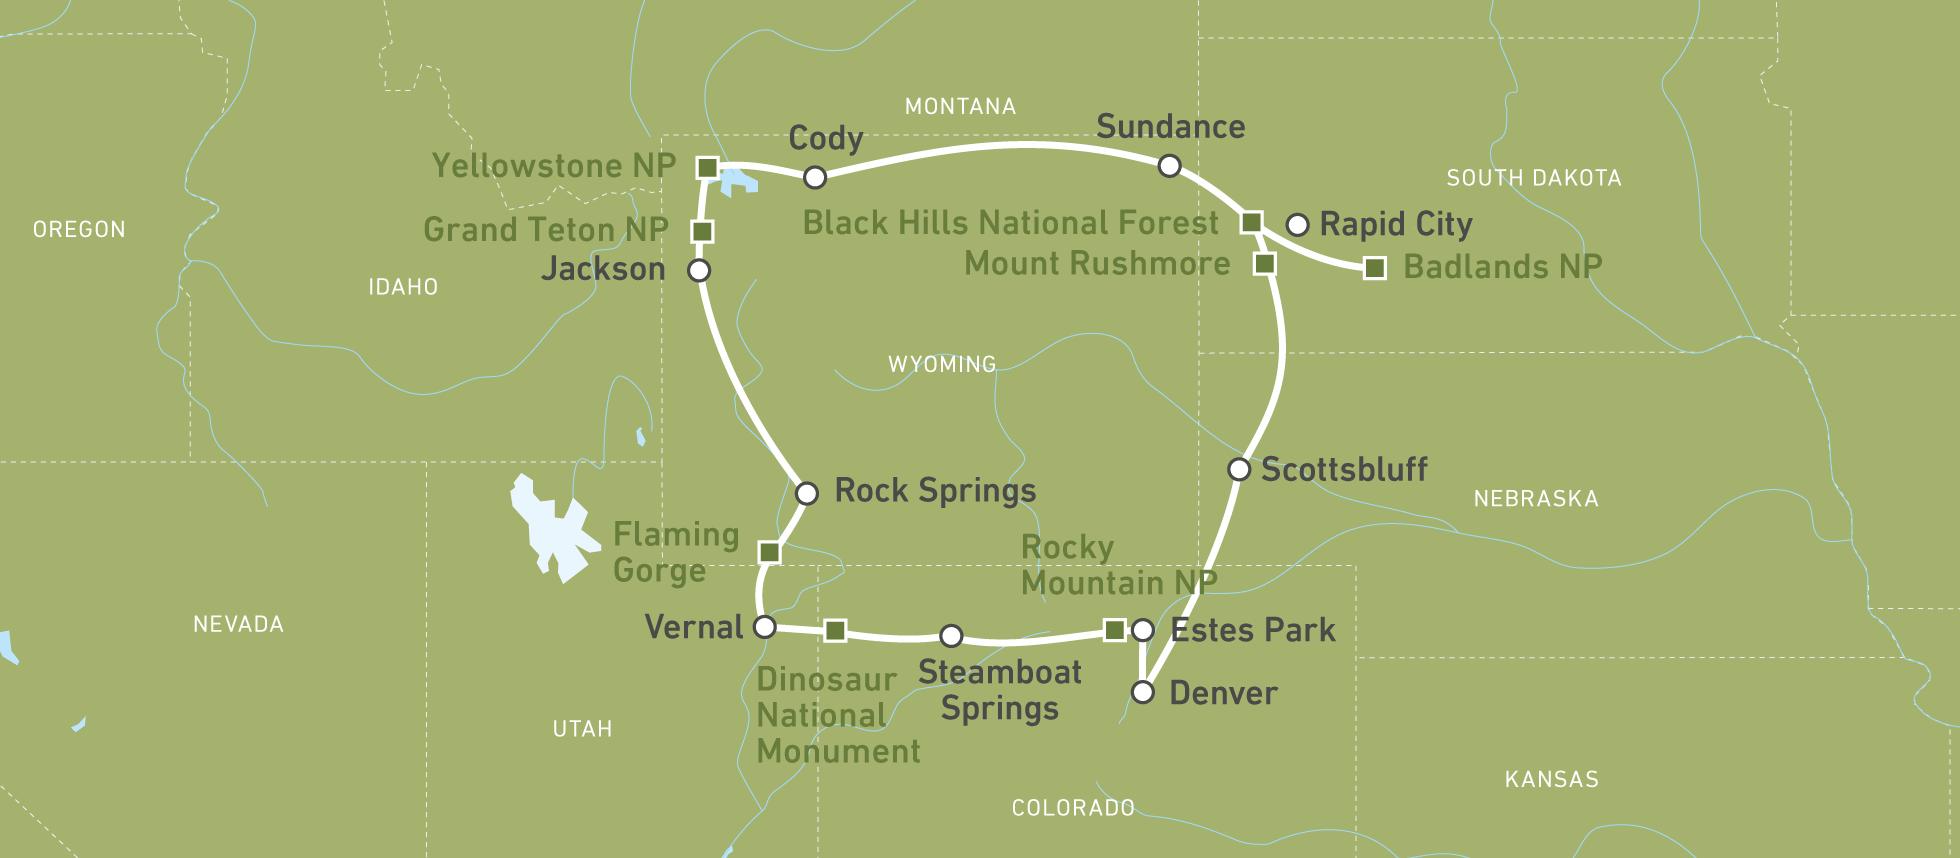 Yellowstone Karte.Autoreise Mit Dem Auto Durch Die Rockies Canusa